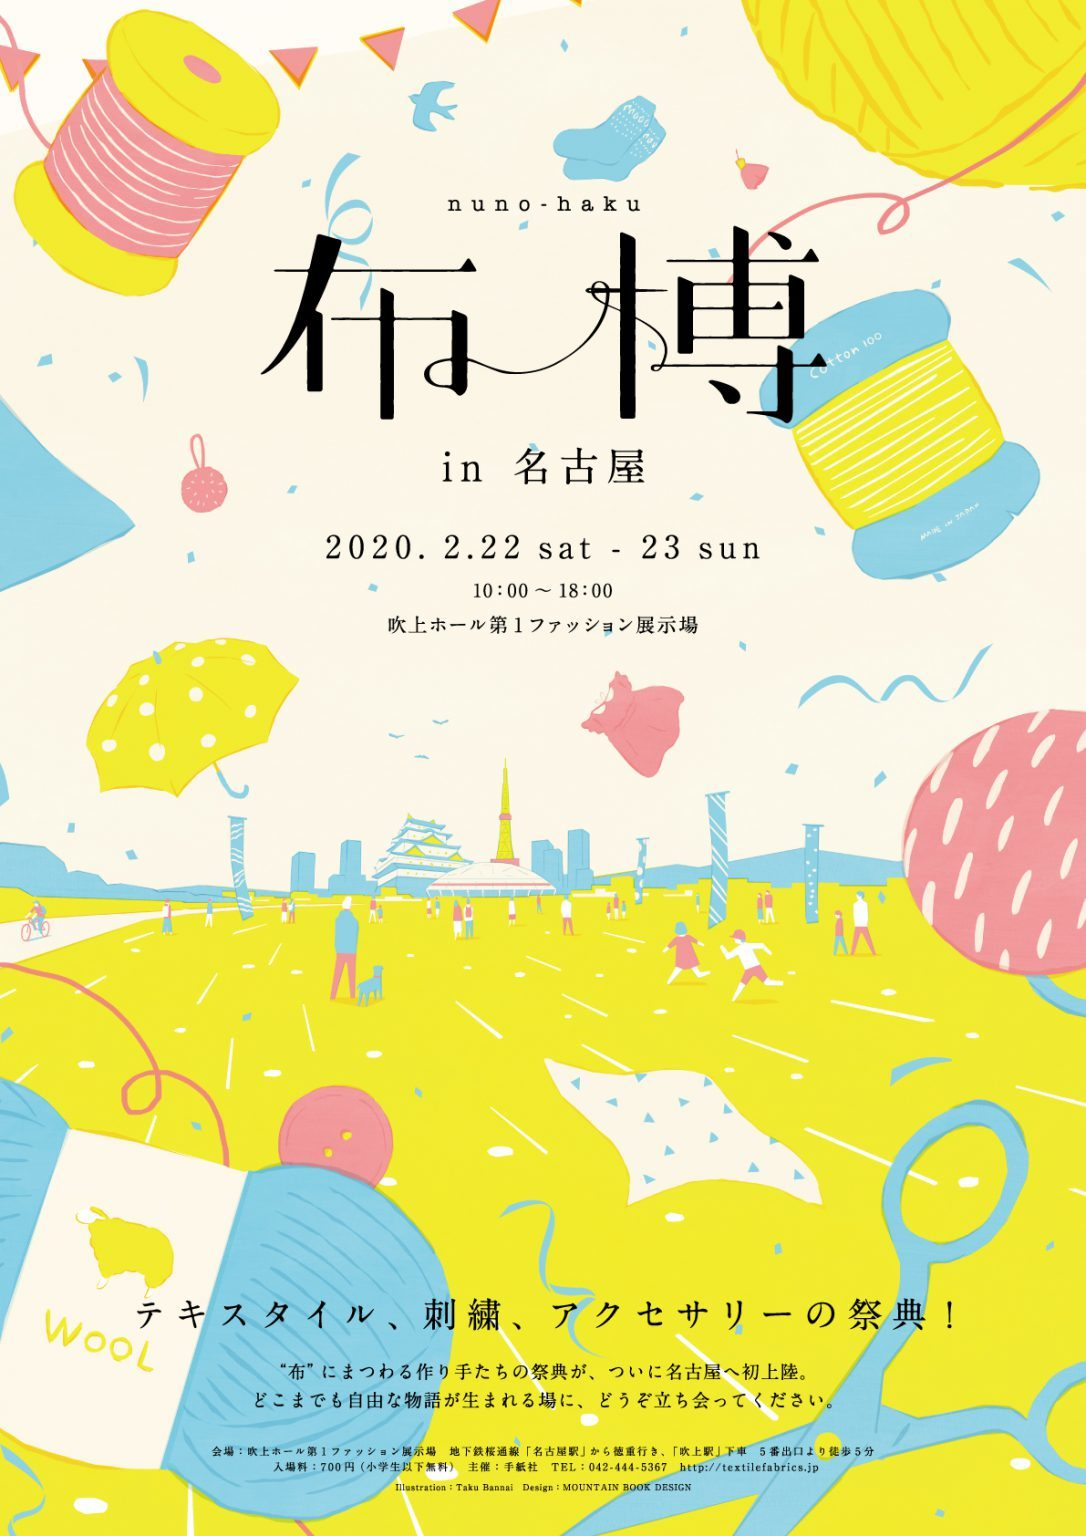 「 布博 in 名古屋 」_e0190955_00111406.jpg